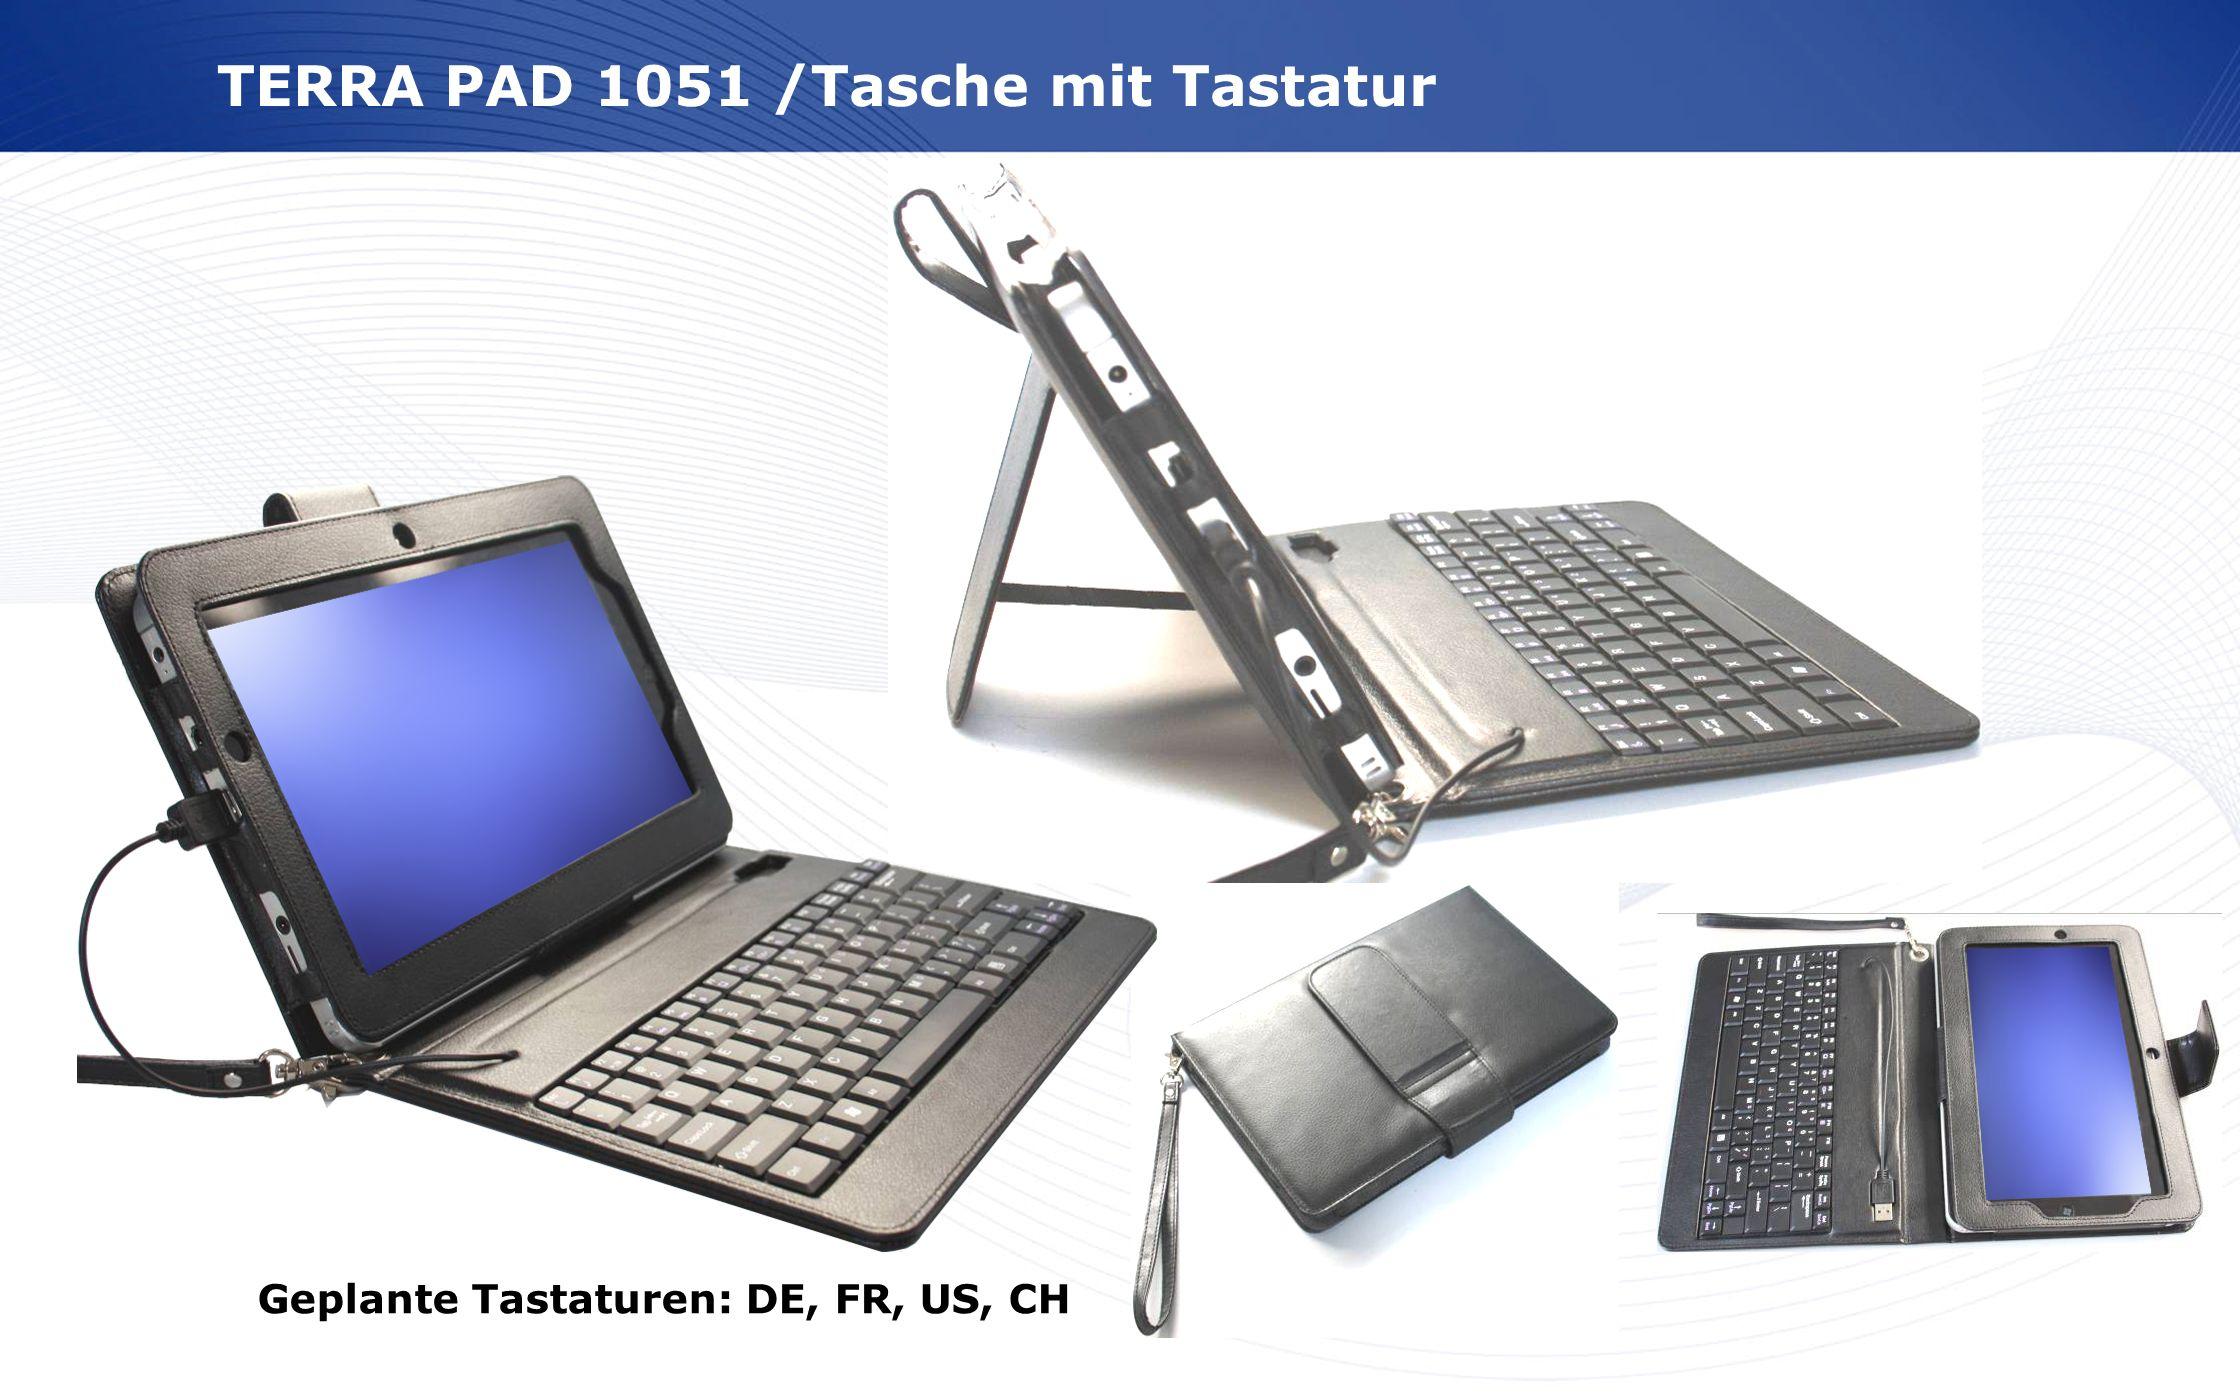 TERRA PAD 1051 /Tasche mit Tastatur